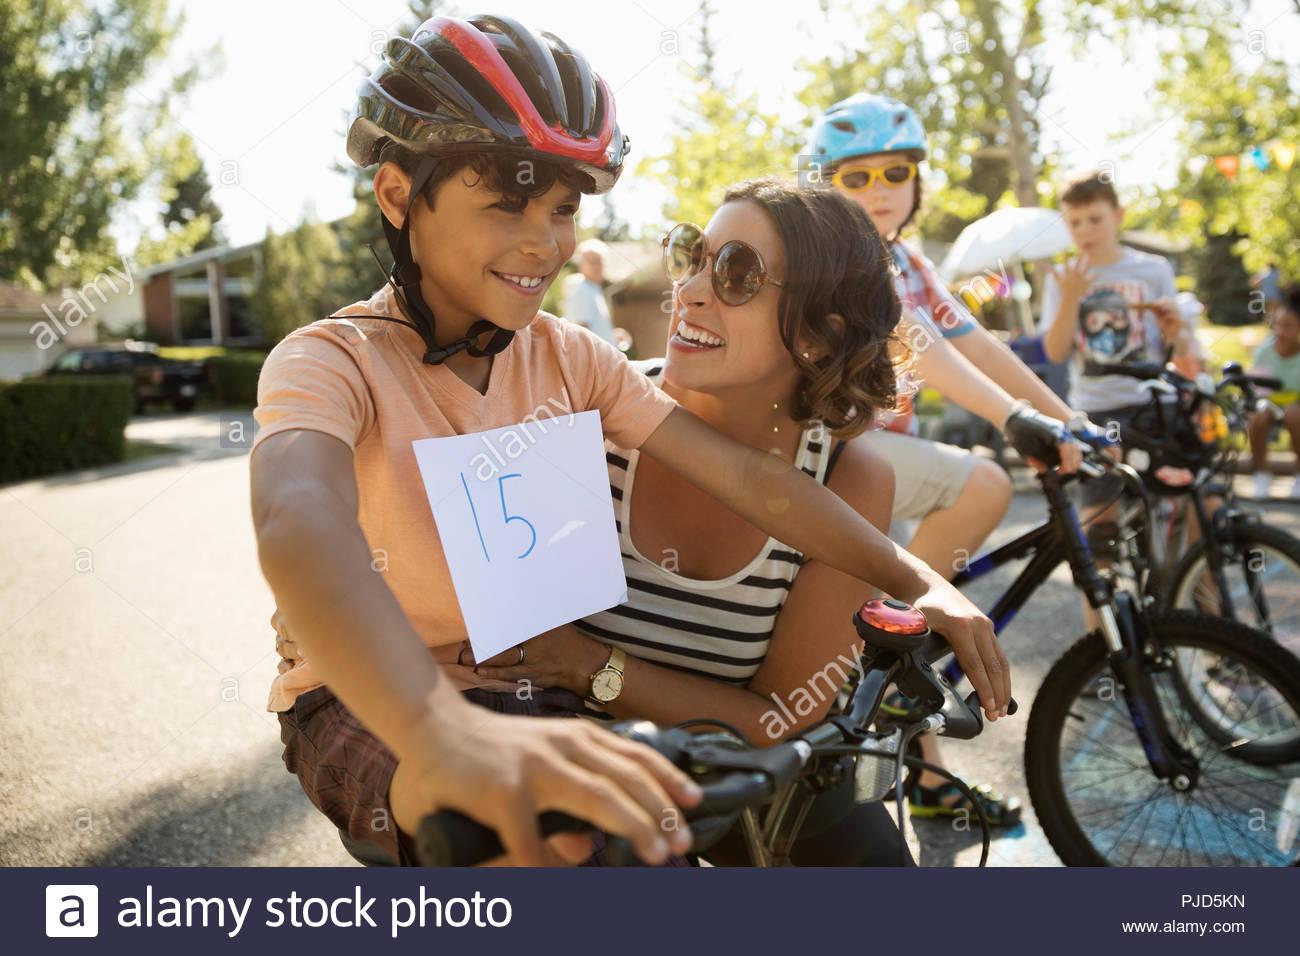 Feliz madre e hijo preparándose para bicicleta de carrera en verano barrio block party Imagen De Stock